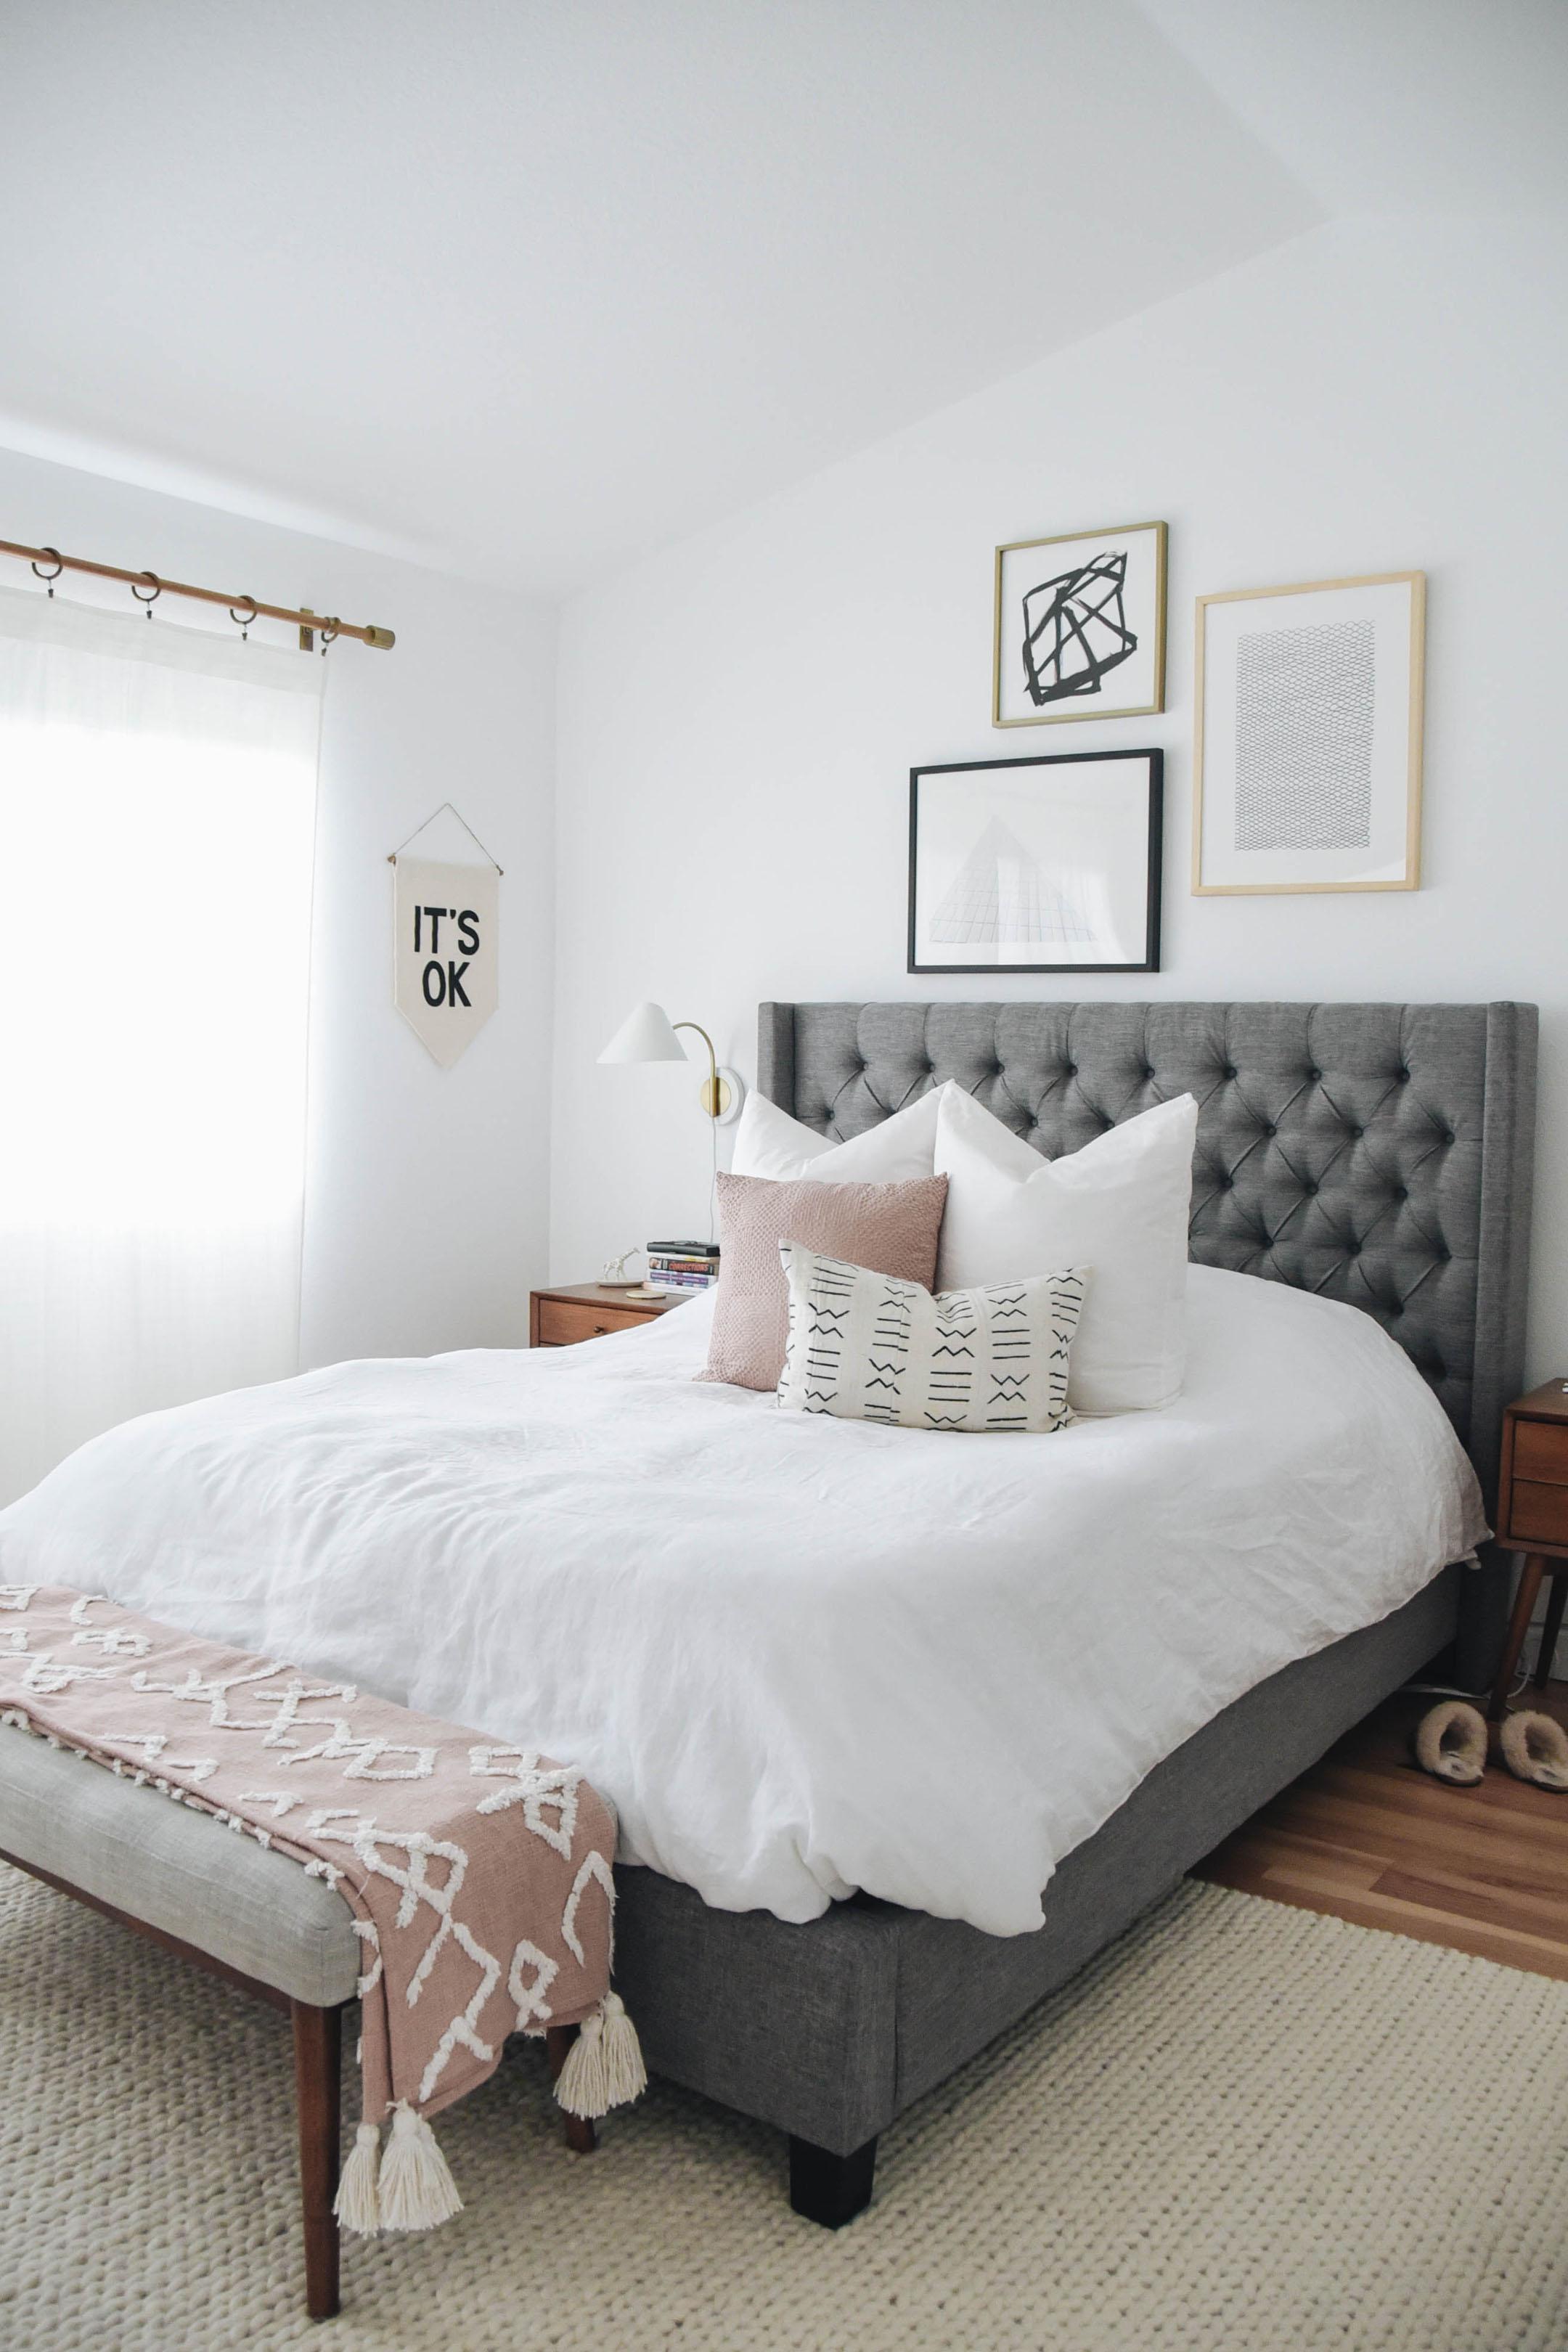 Crystalin Master bedroom